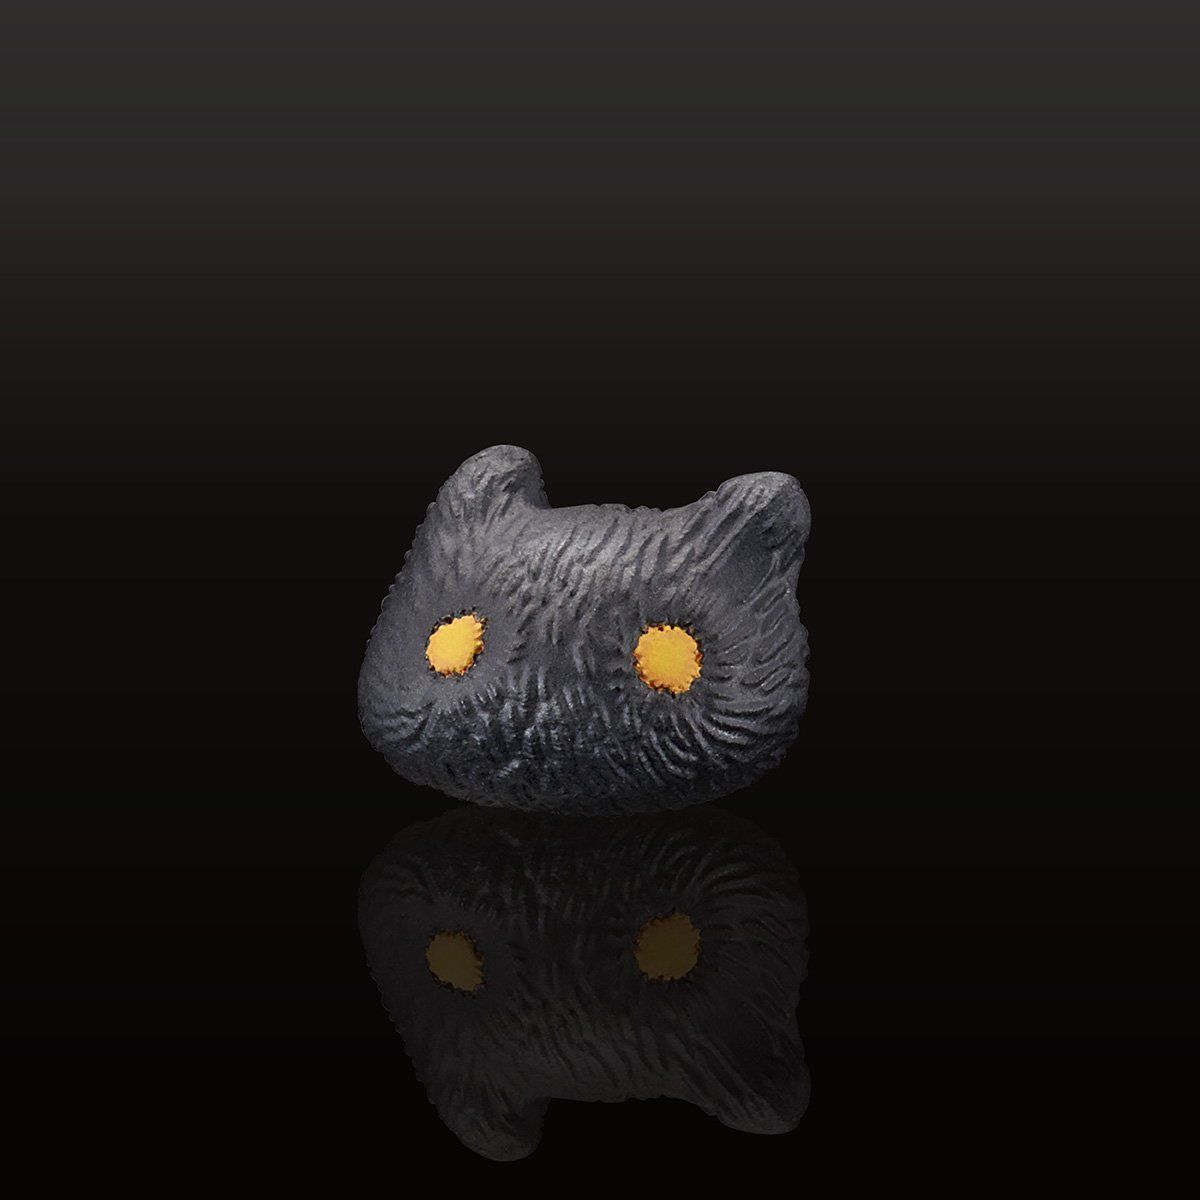 『デジタルモンスター カプセルマスコットコレクションプレミアム ver.1,0』カプセルフィギュア-006